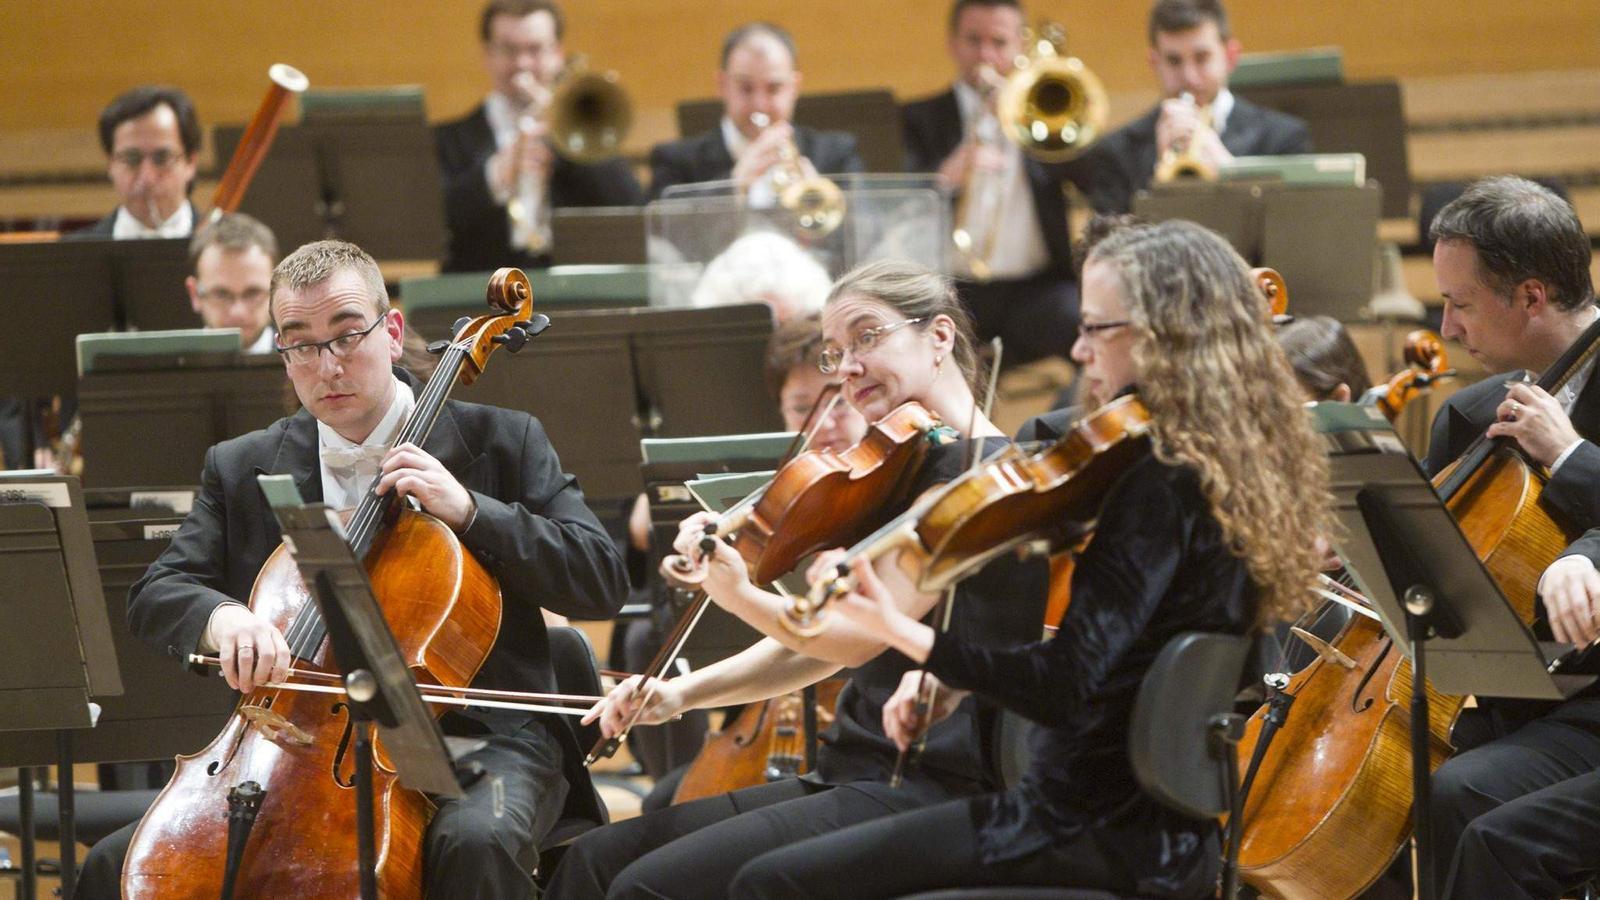 L'OBC es va lliurar de ple tant en la interpretació de la peça de Palomar com en les de Rakhmàninov i Gerhard . / JORDI PIZARRO